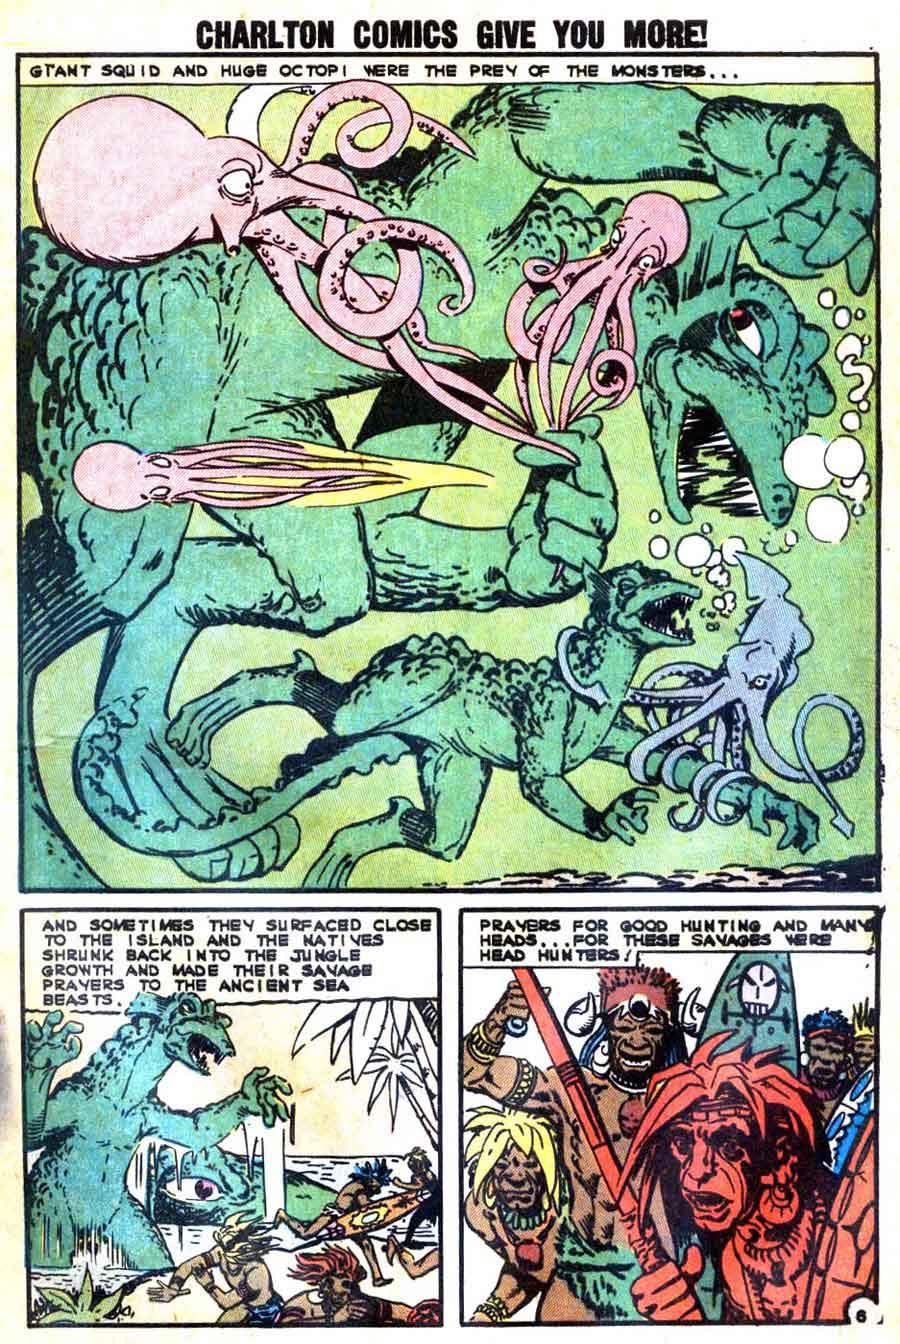 Gorgo v1 #11 charlton monster comic book page art by Steve Ditko